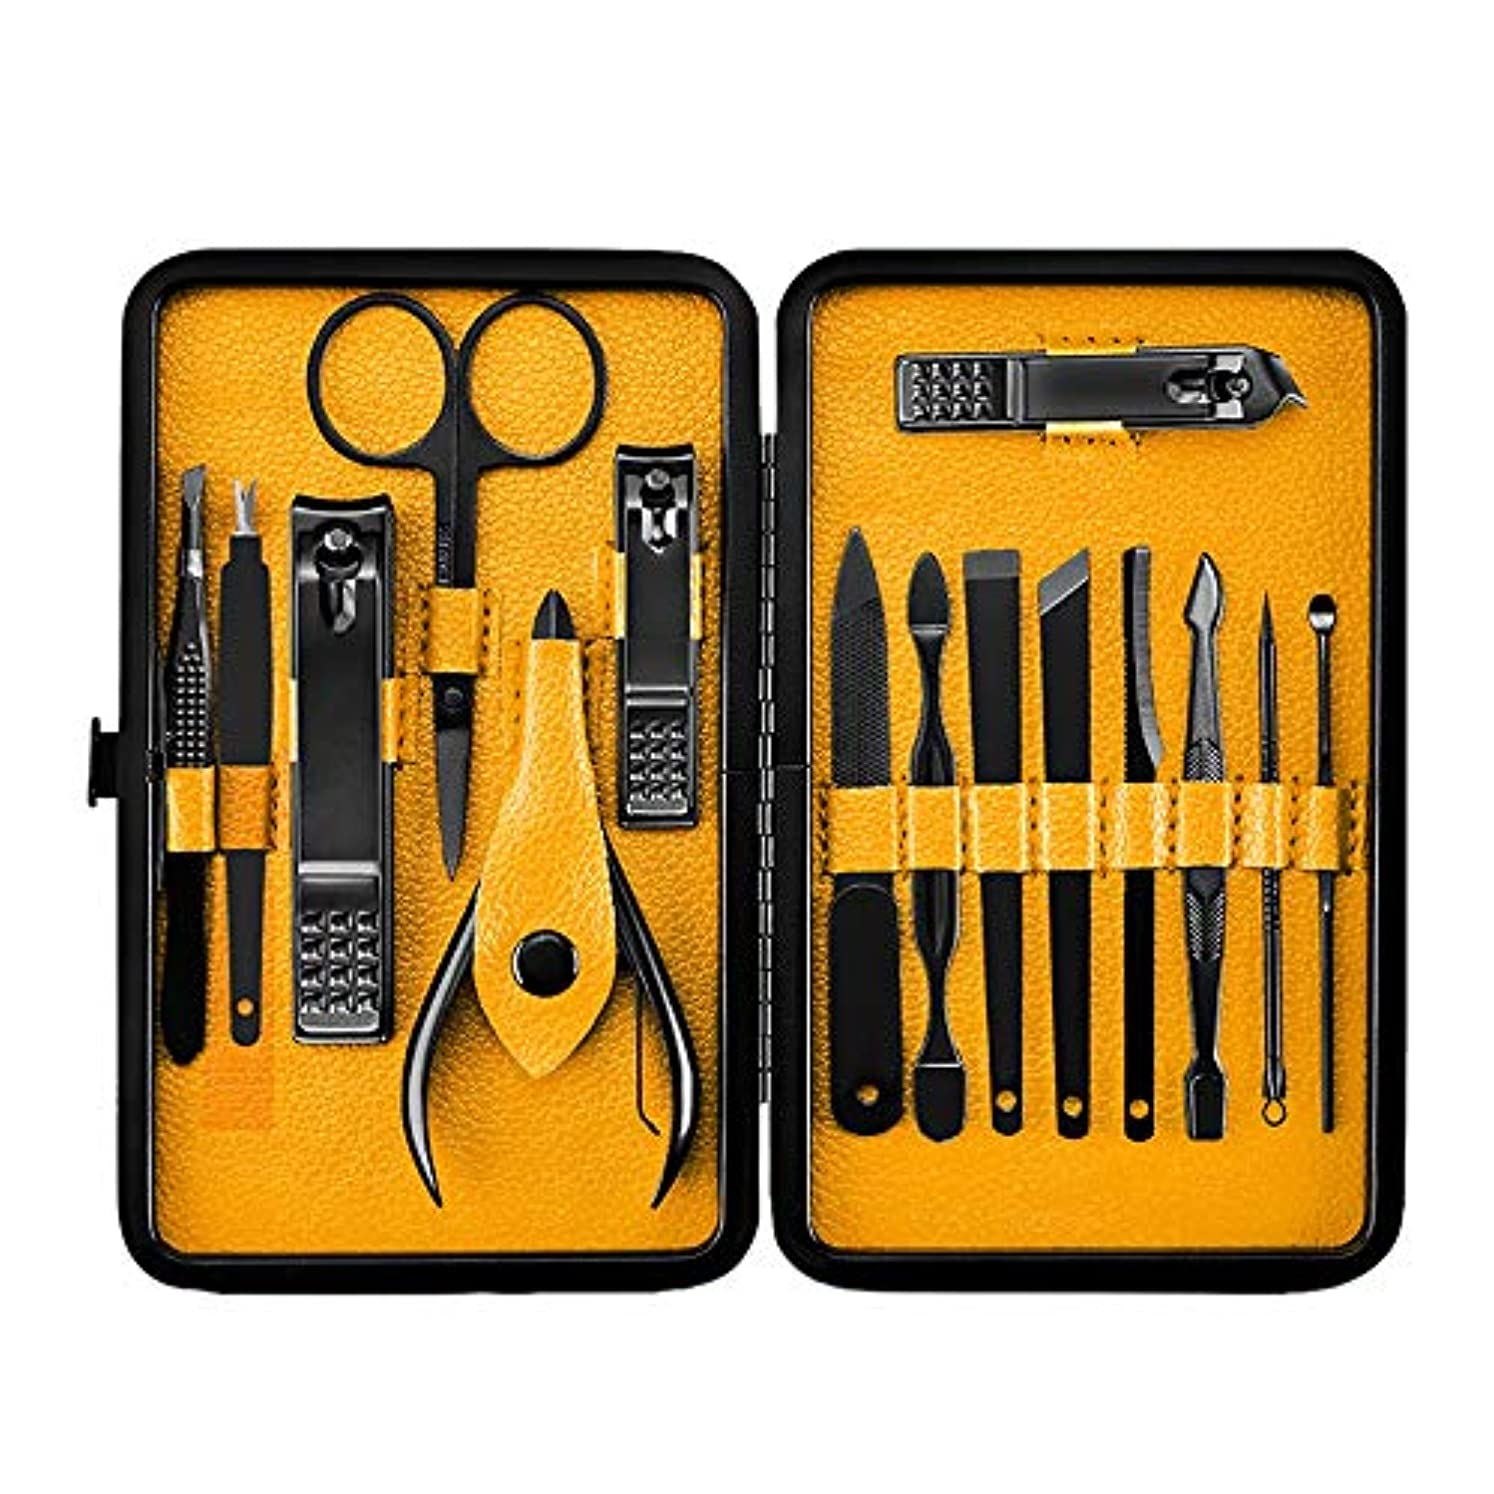 砂利黒板高尚なRETYLY 15ピース、プロフェッショナル、マニキュア、ステンレス鋼製ネイルのクリッパー、爪切り、はさみのセット、キット、マニキュアのセット、ネイルのツール、ネイルアートのツール